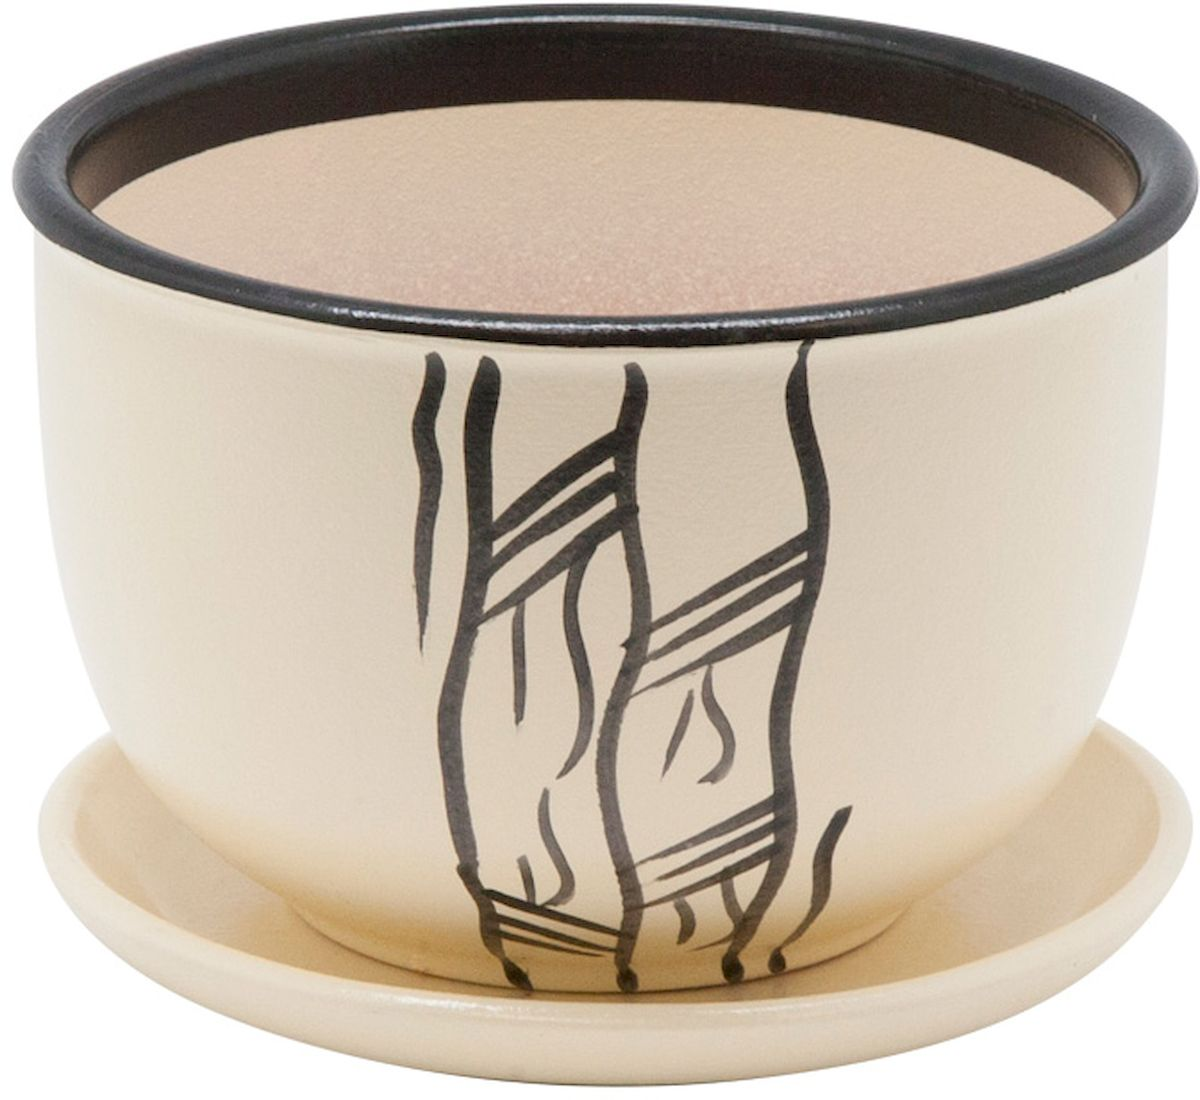 Горшок цветочный Engard, с поддоном, цвет: бежевый, 1,05 л. BH-17-4BH-17-4Керамический горшок Engard - это идеальное решение для выращивания комнатных растений и создания изысканности в интерьере. Керамический горшок сделан из высококачественной глины в классической форме и оригинальном дизайне.Объем: 1,05 л.